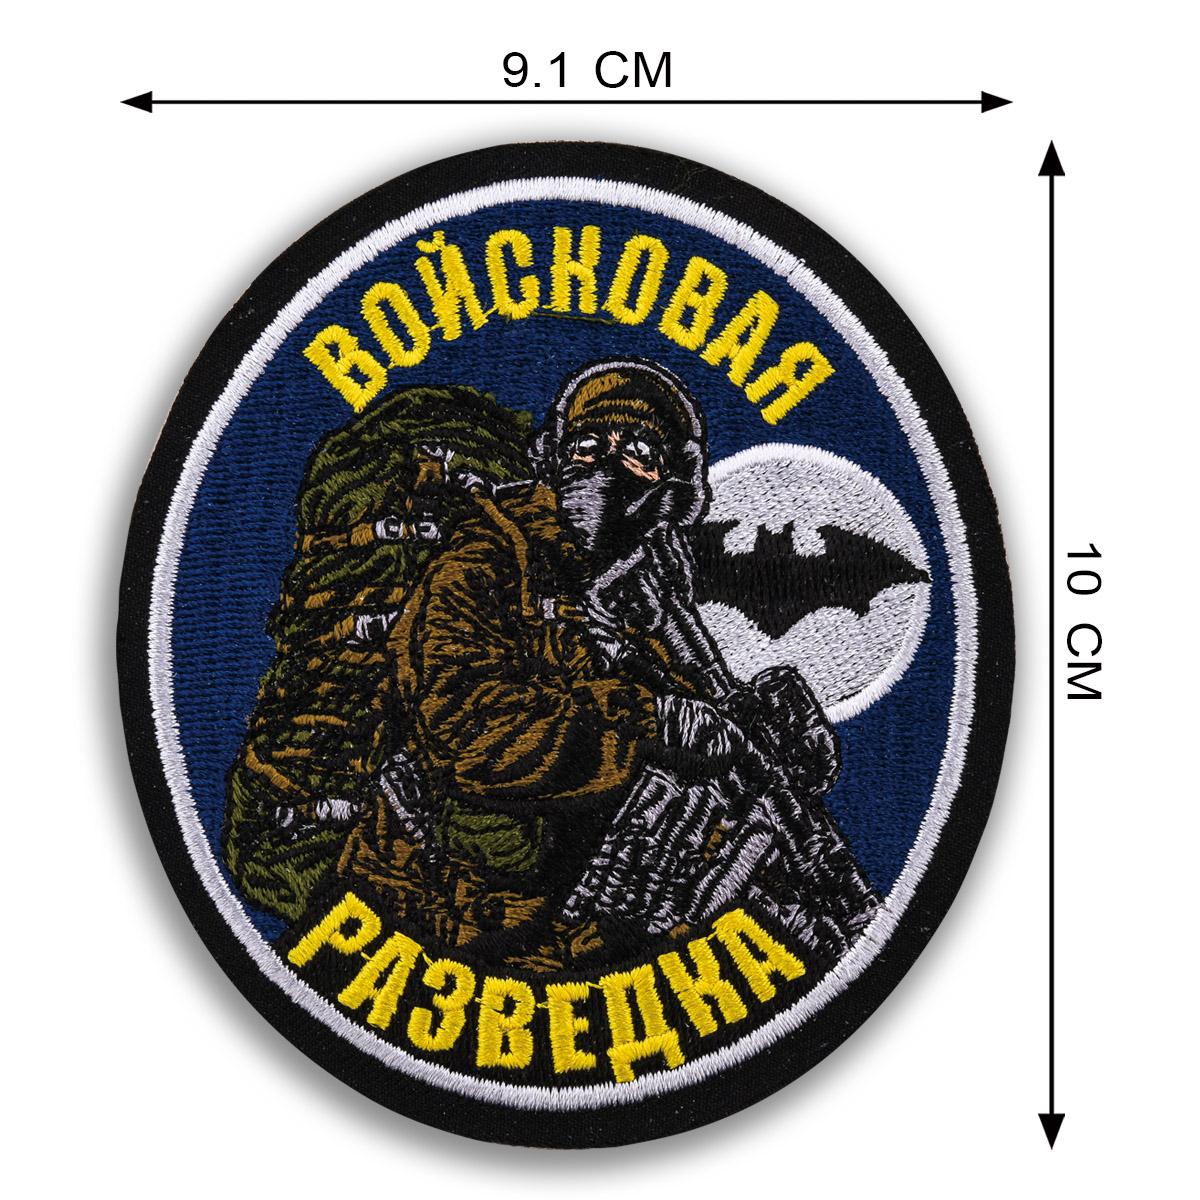 Шеврон Войсковой разведки